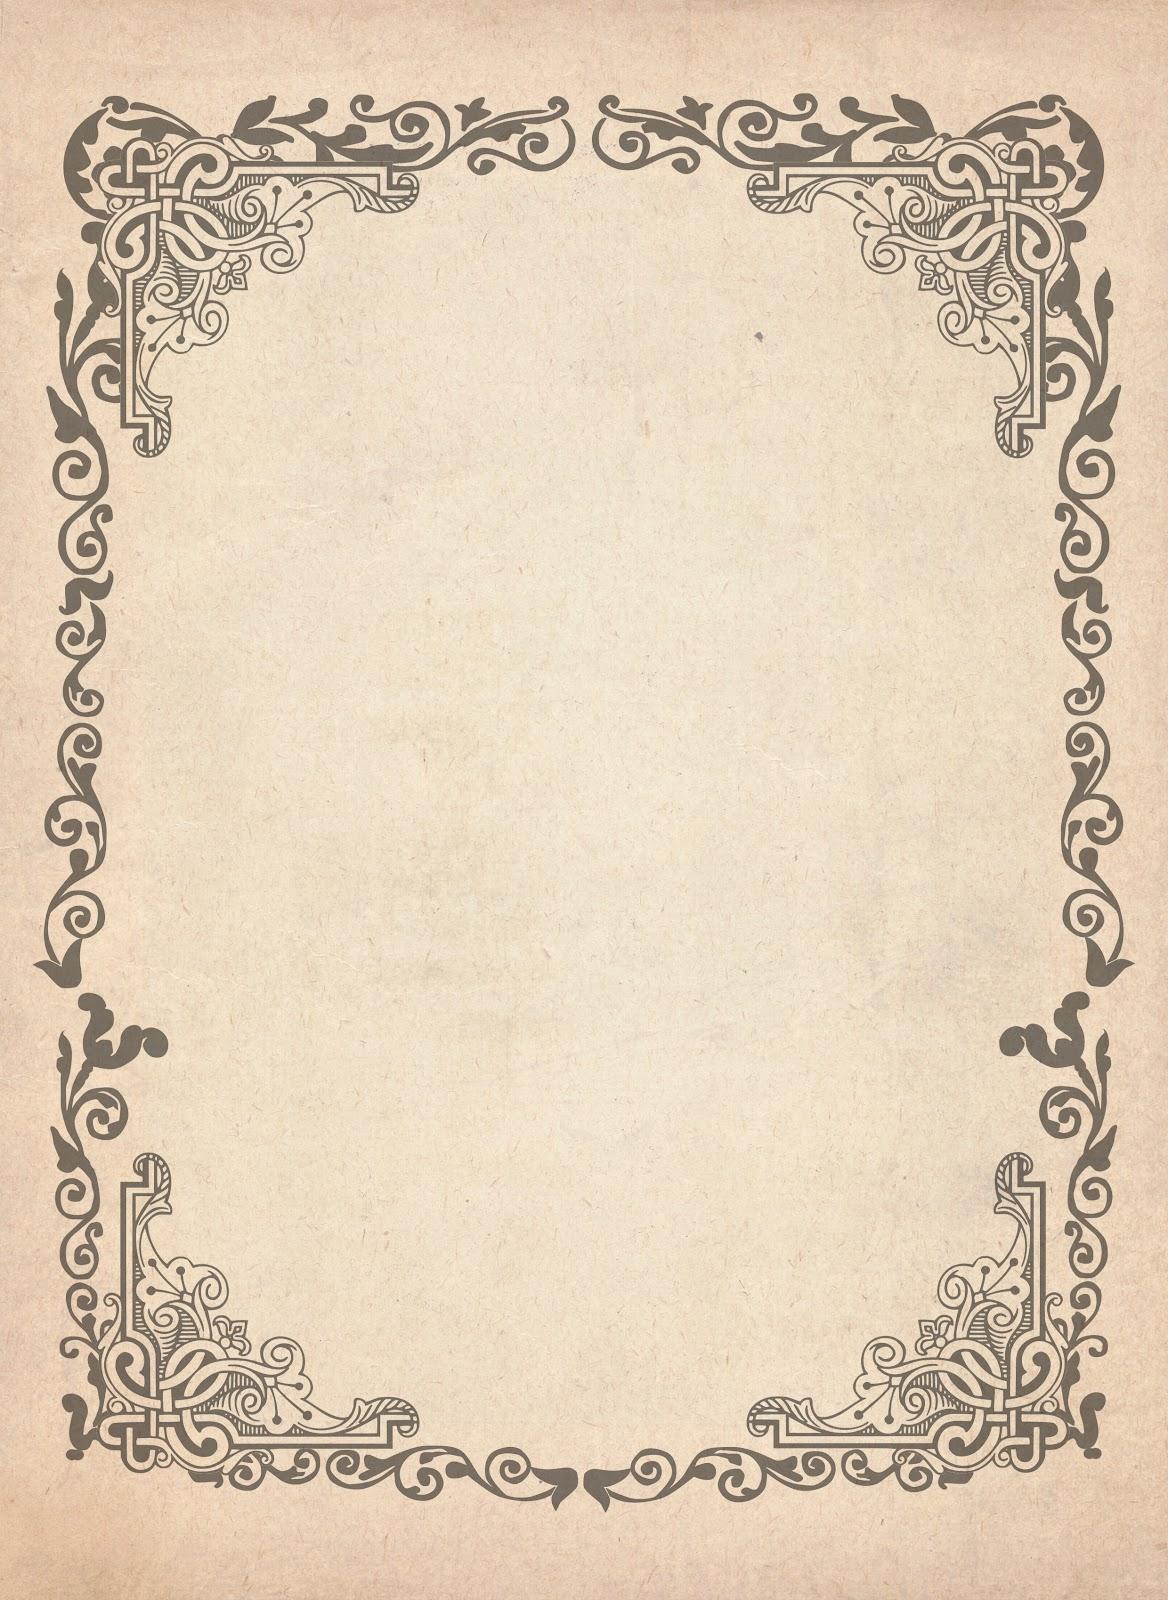 Vintage Book Cover Invitations : Emprendimientos de hoy fondos o papeles vintage para